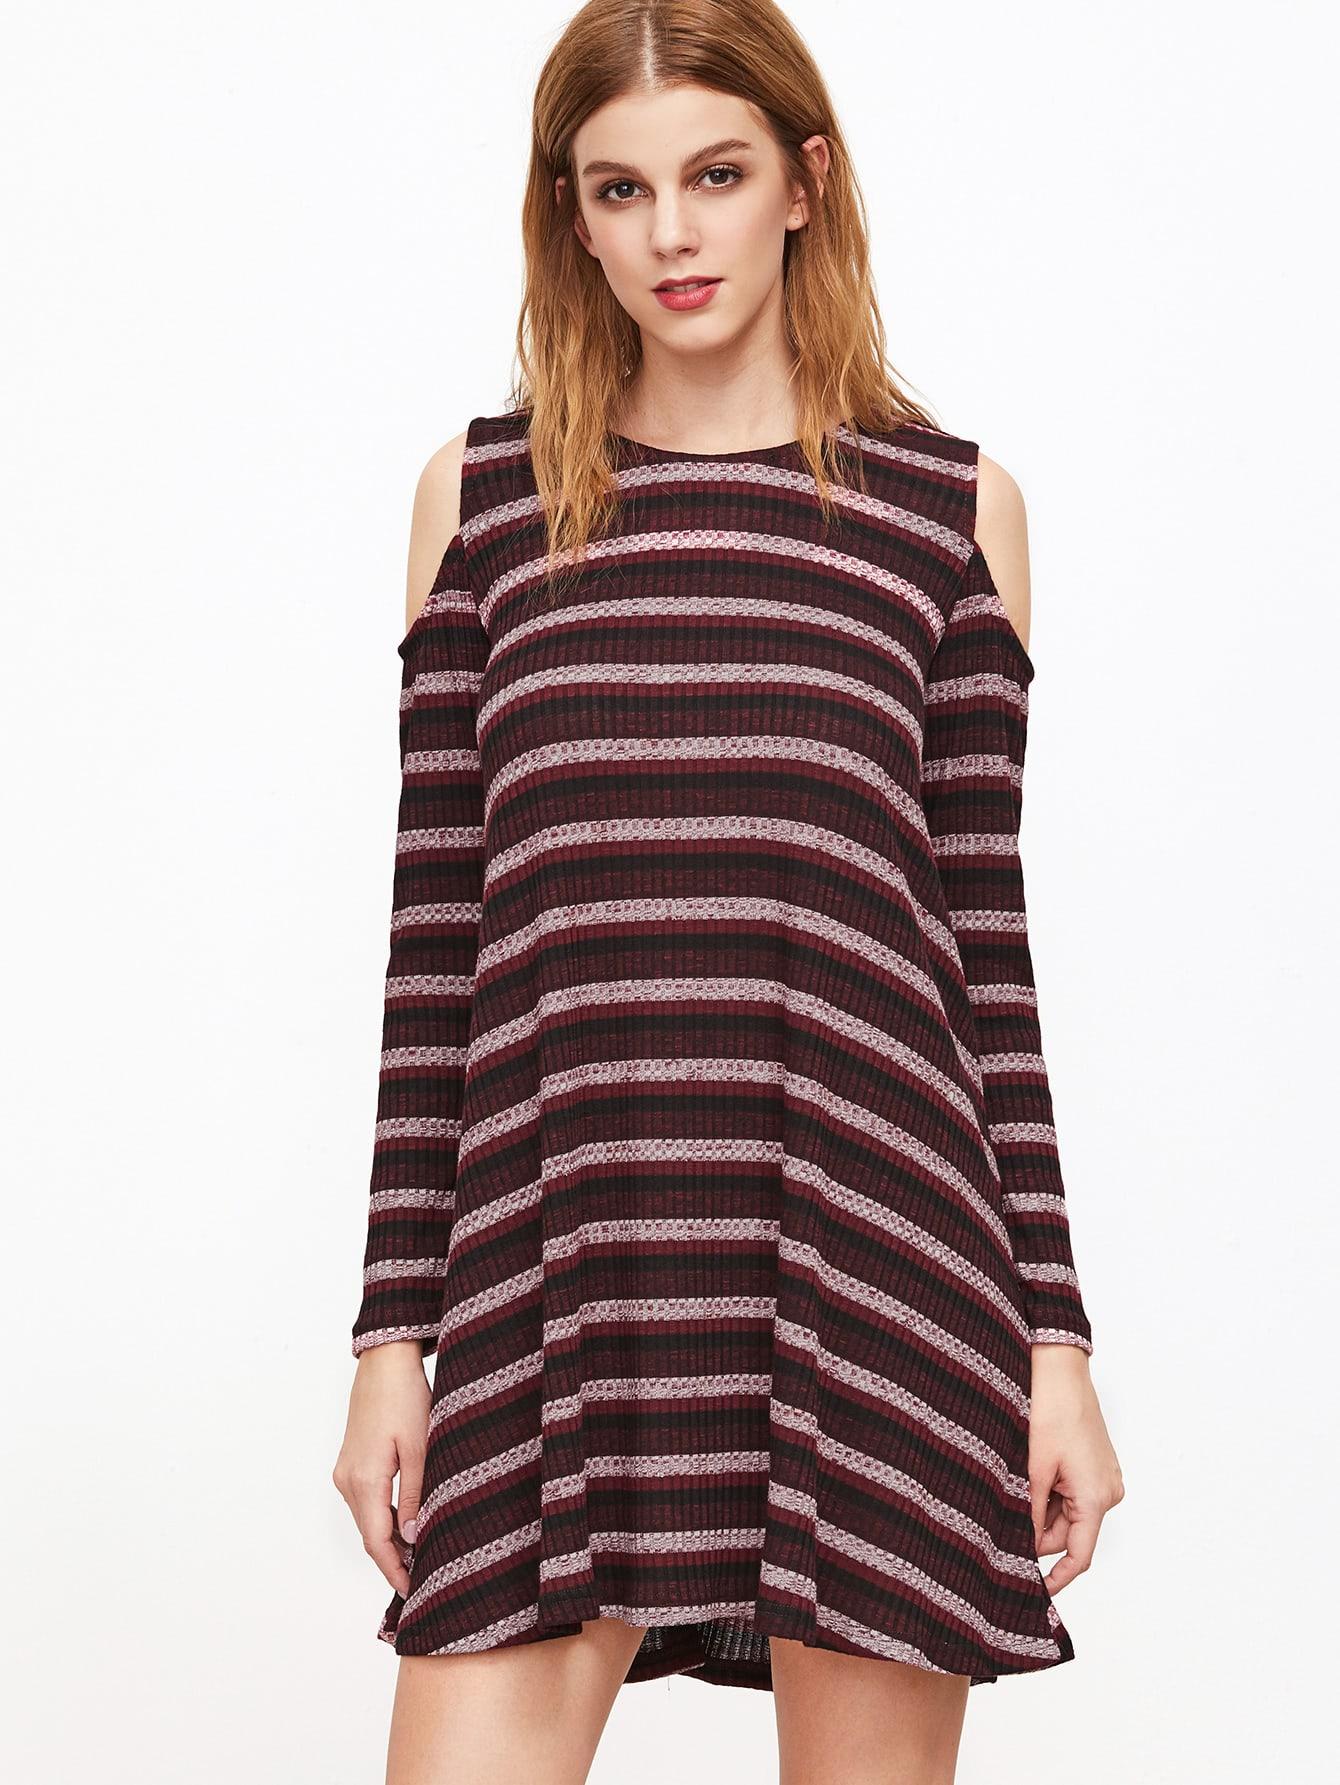 Burgundy Striped Cold Shoulder Shift DressBurgundy Striped Cold Shoulder Shift Dress<br><br>color: Burgundy<br>size: L,M,S